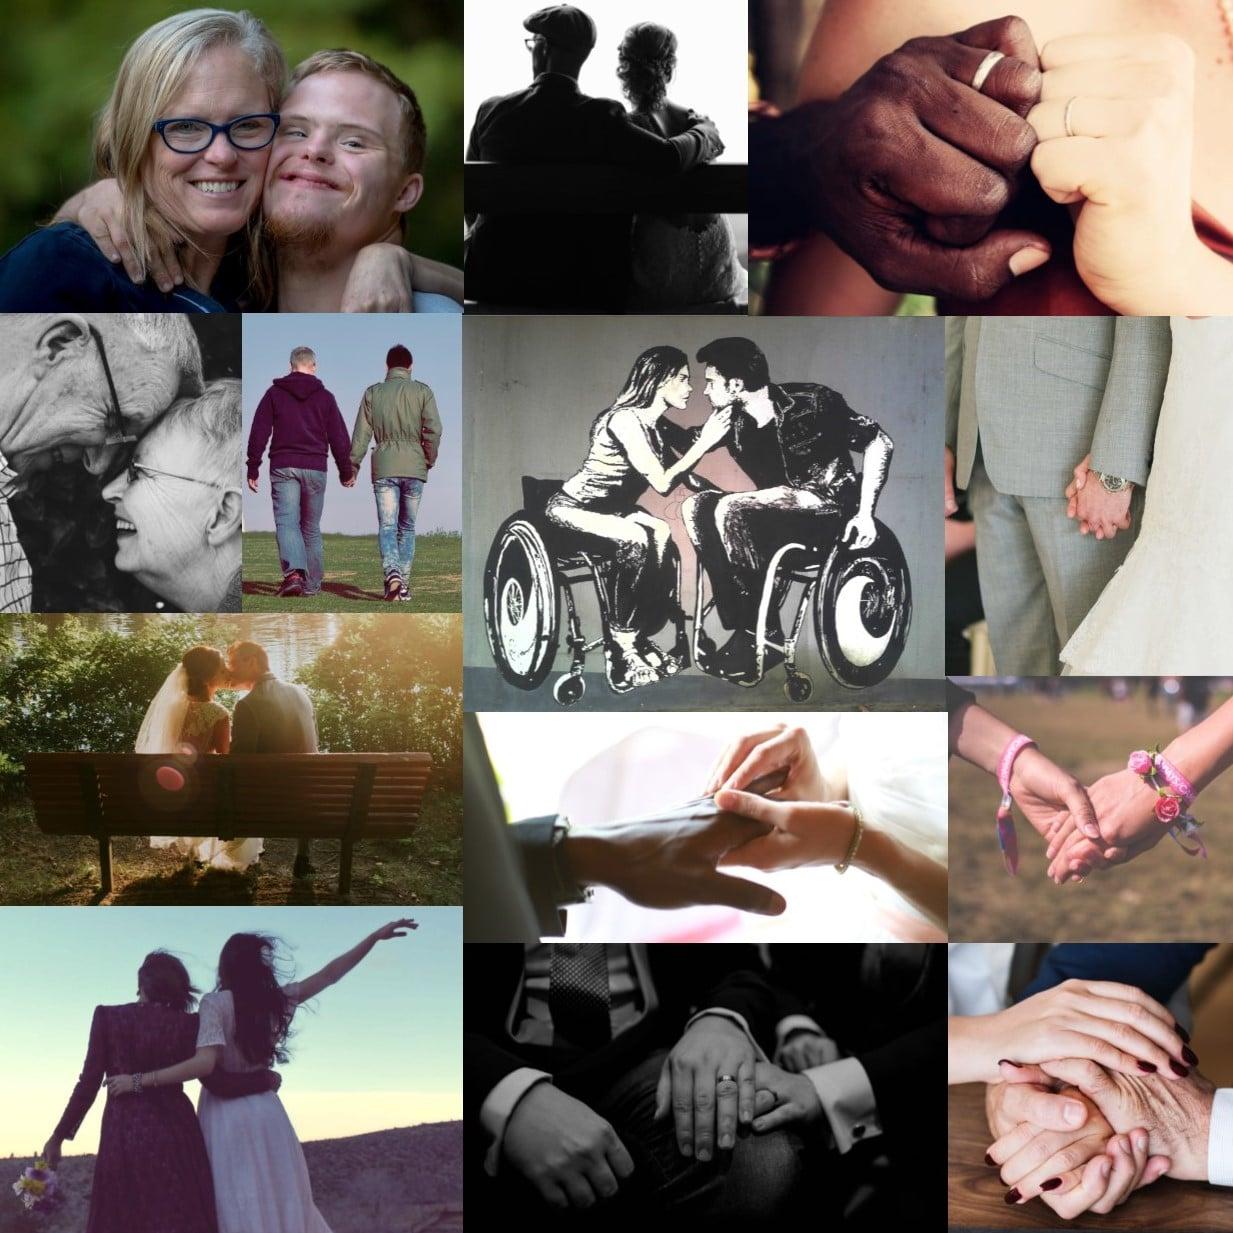 L'amour n'a pas d'âge, de sexe, de couleur de peau, d'origine, ni de religion. Il fait également fit des handicaps, des différences qu'il transforme souvent en forces. C'est ainsi que que je perçois l'amour qui lie les personnes qui s'unissent sous mes yeux lors qu'une cérémonie laïque